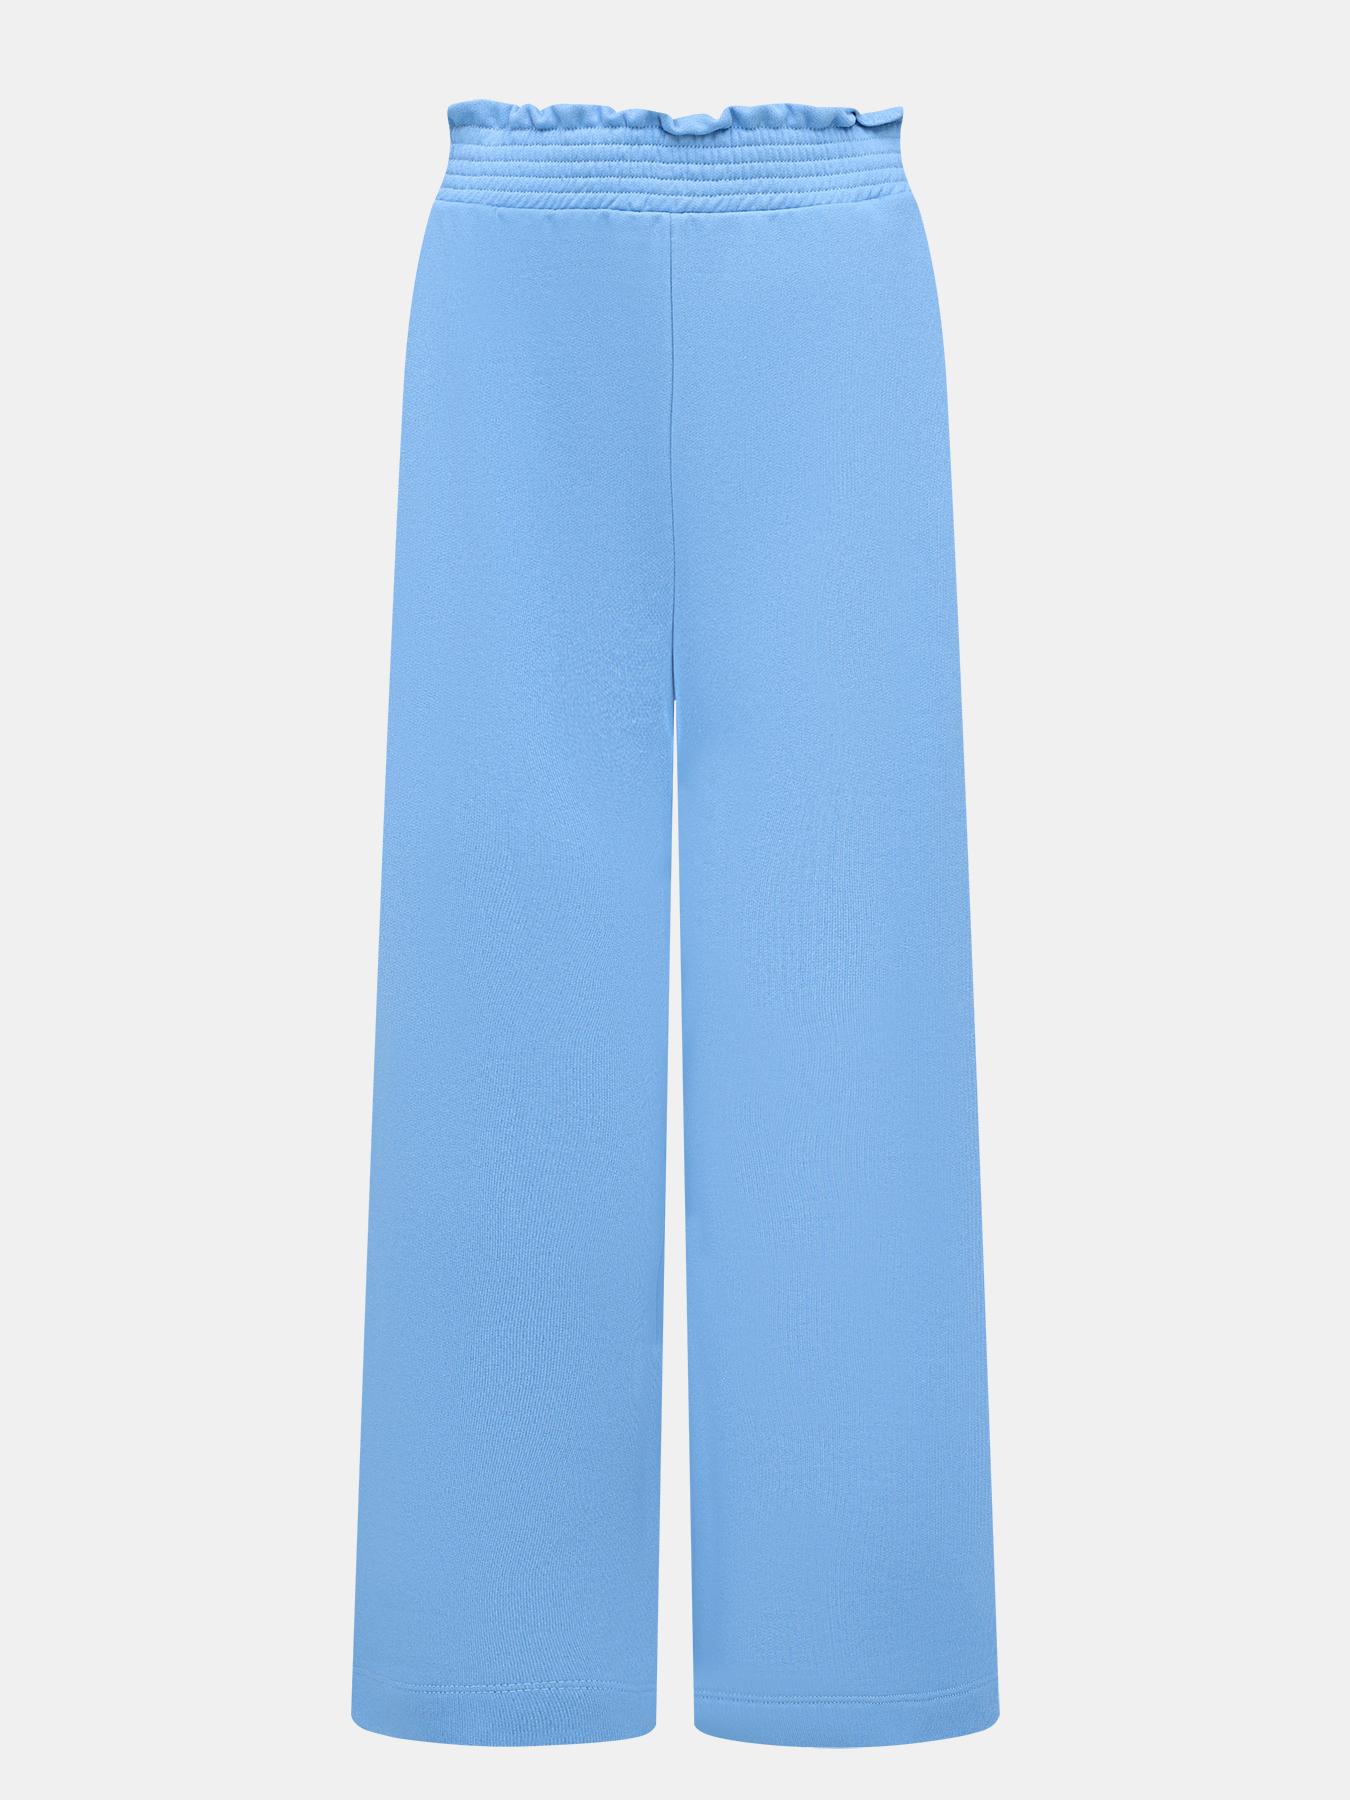 Спортивные брюки Imperial Спортивные брюки